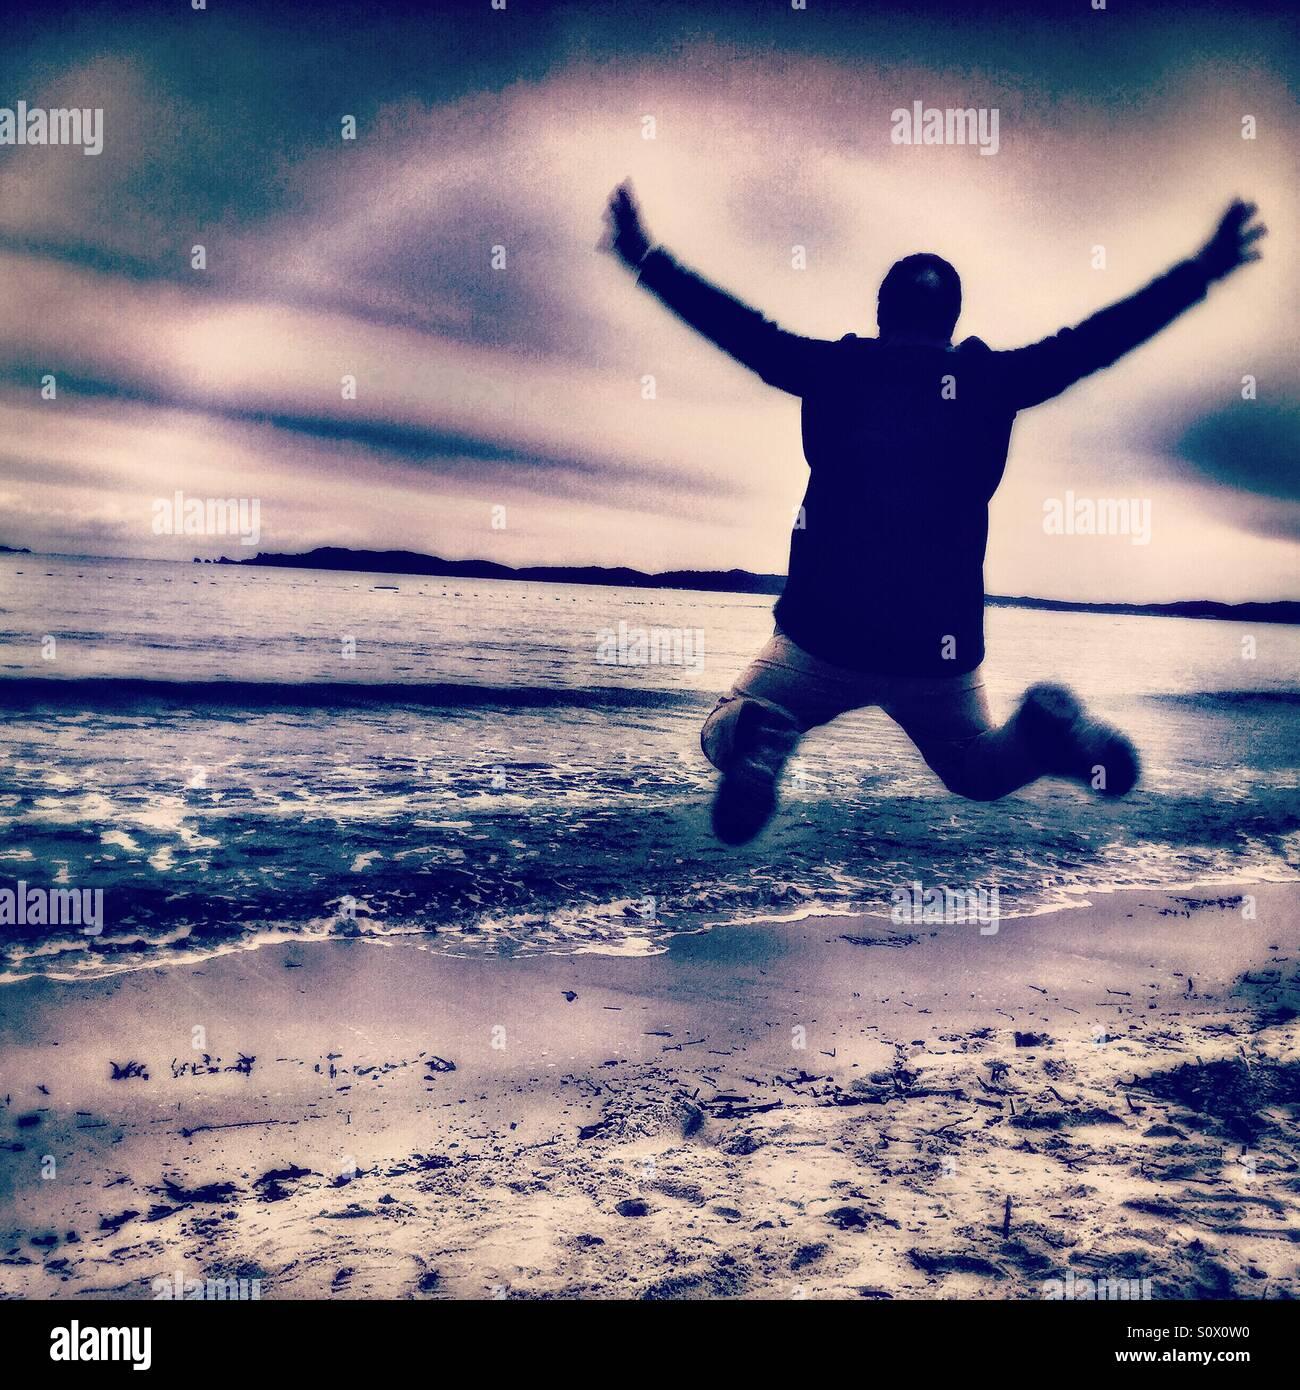 Homme heureux sur la plage, mer Méditerranée Photo Stock